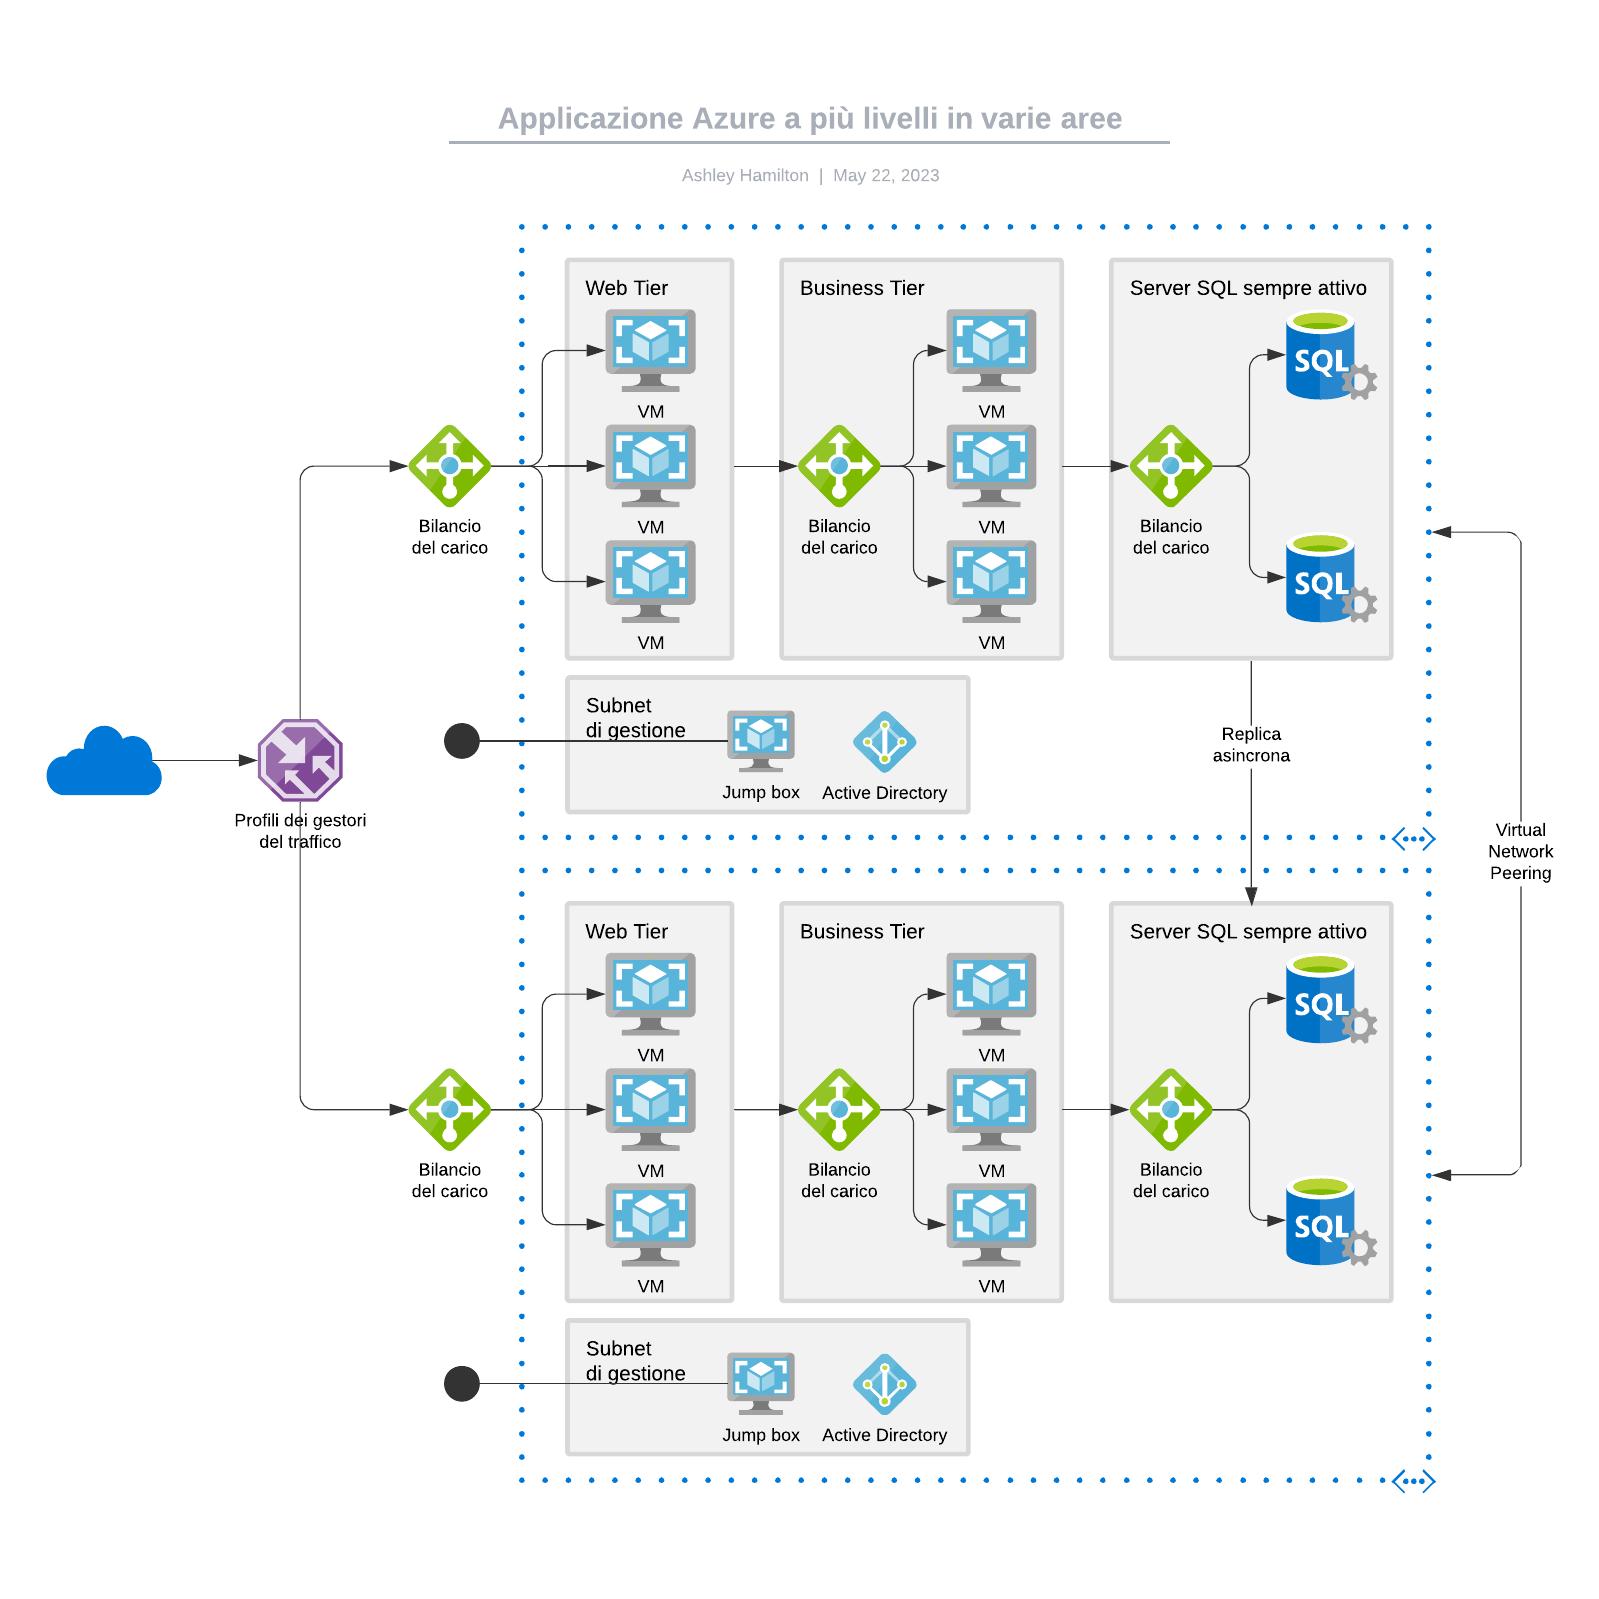 Applicazione Azure a più livelli in varie aree